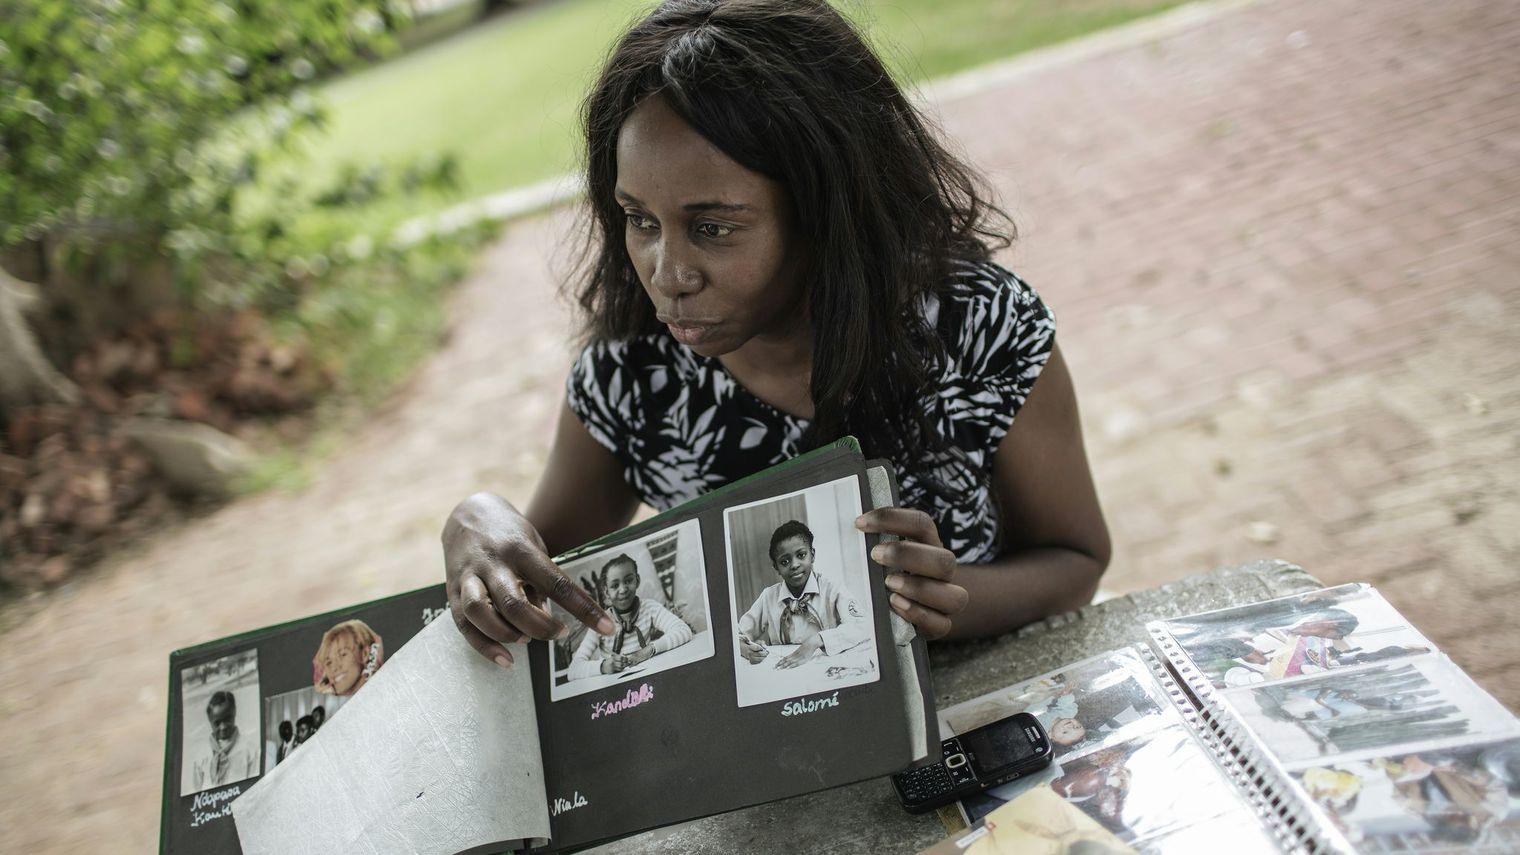 En Namibie, les enfants perdus de la RDA communiste